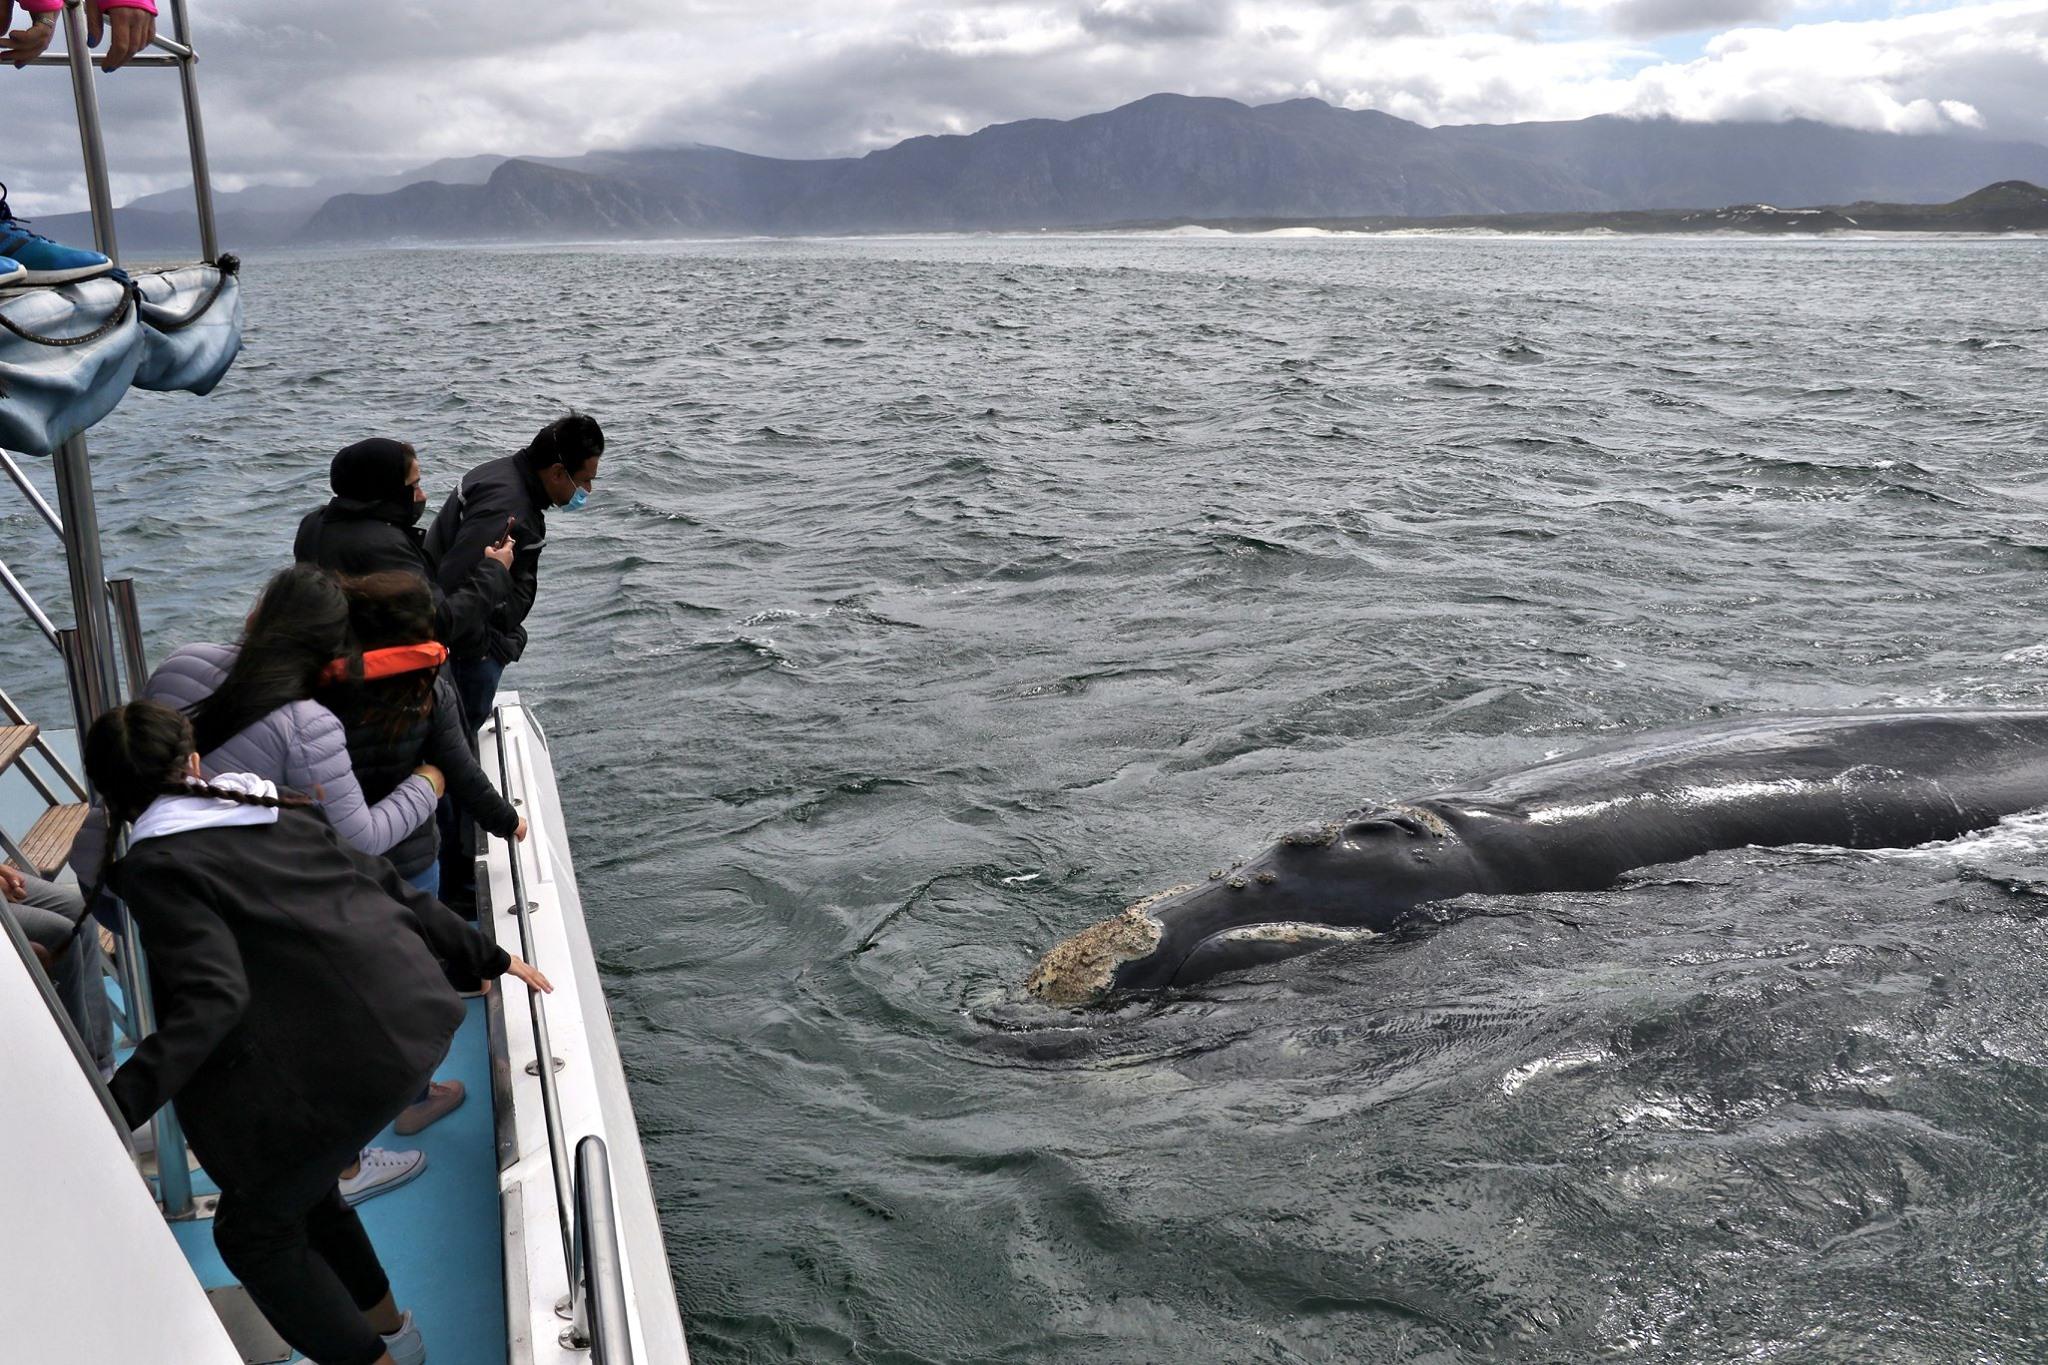 Südlicher Glattwal nähert sich dem Boot